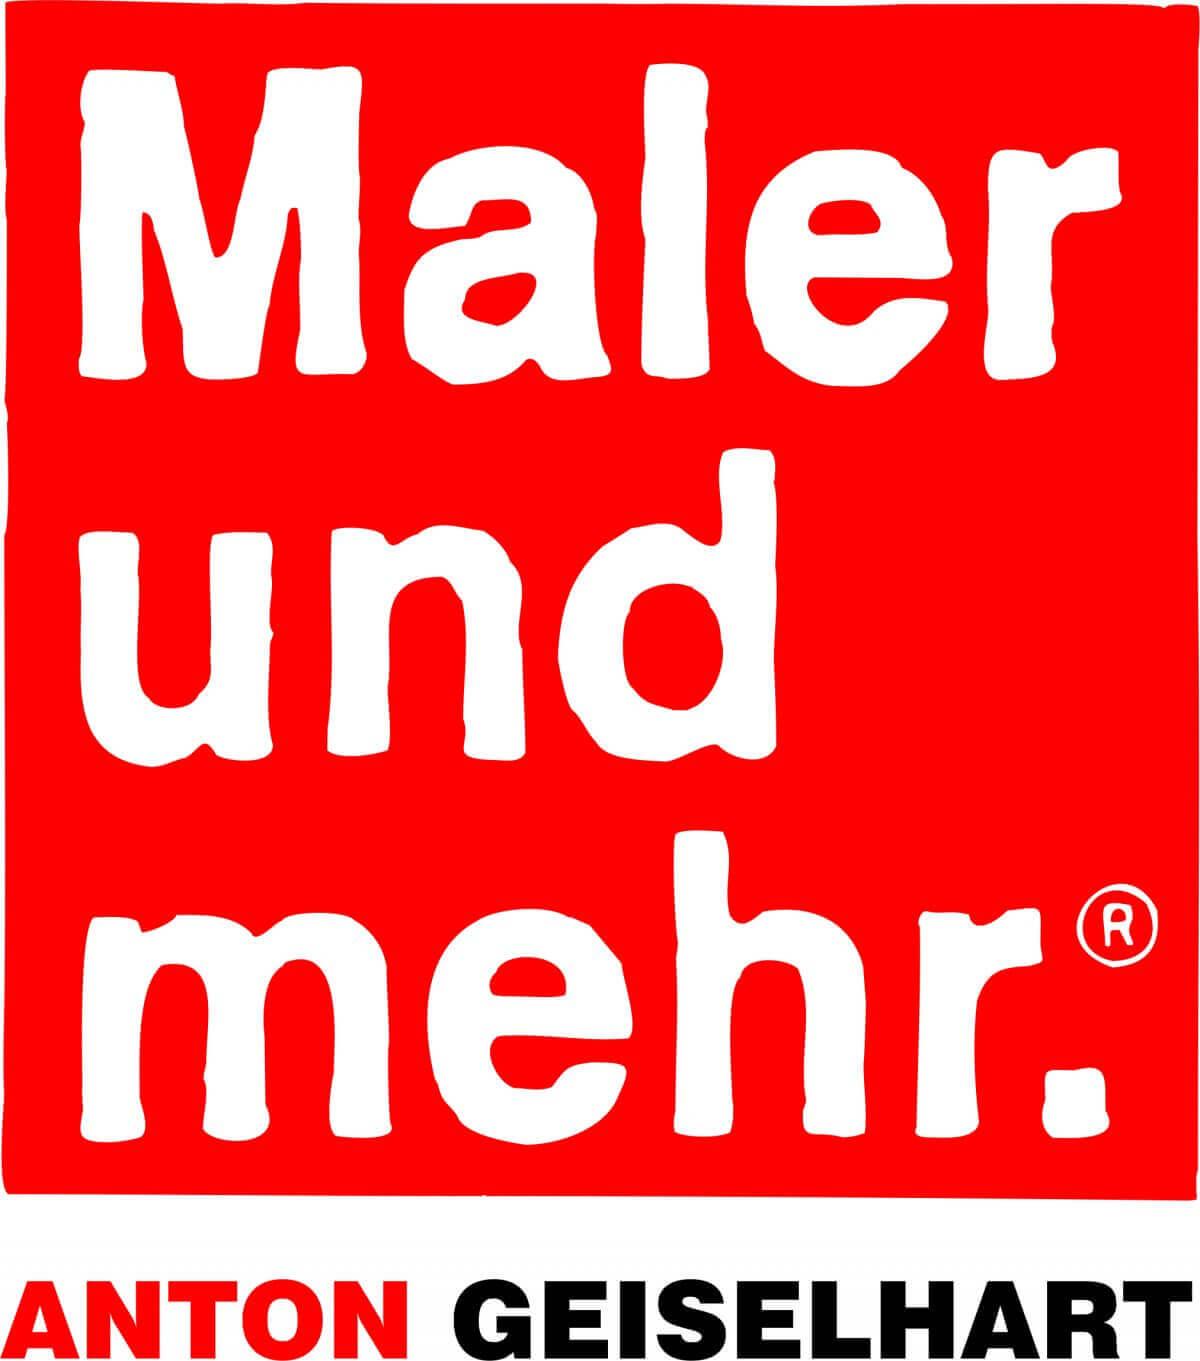 Logo Maler und mehr Anton Geiselhart